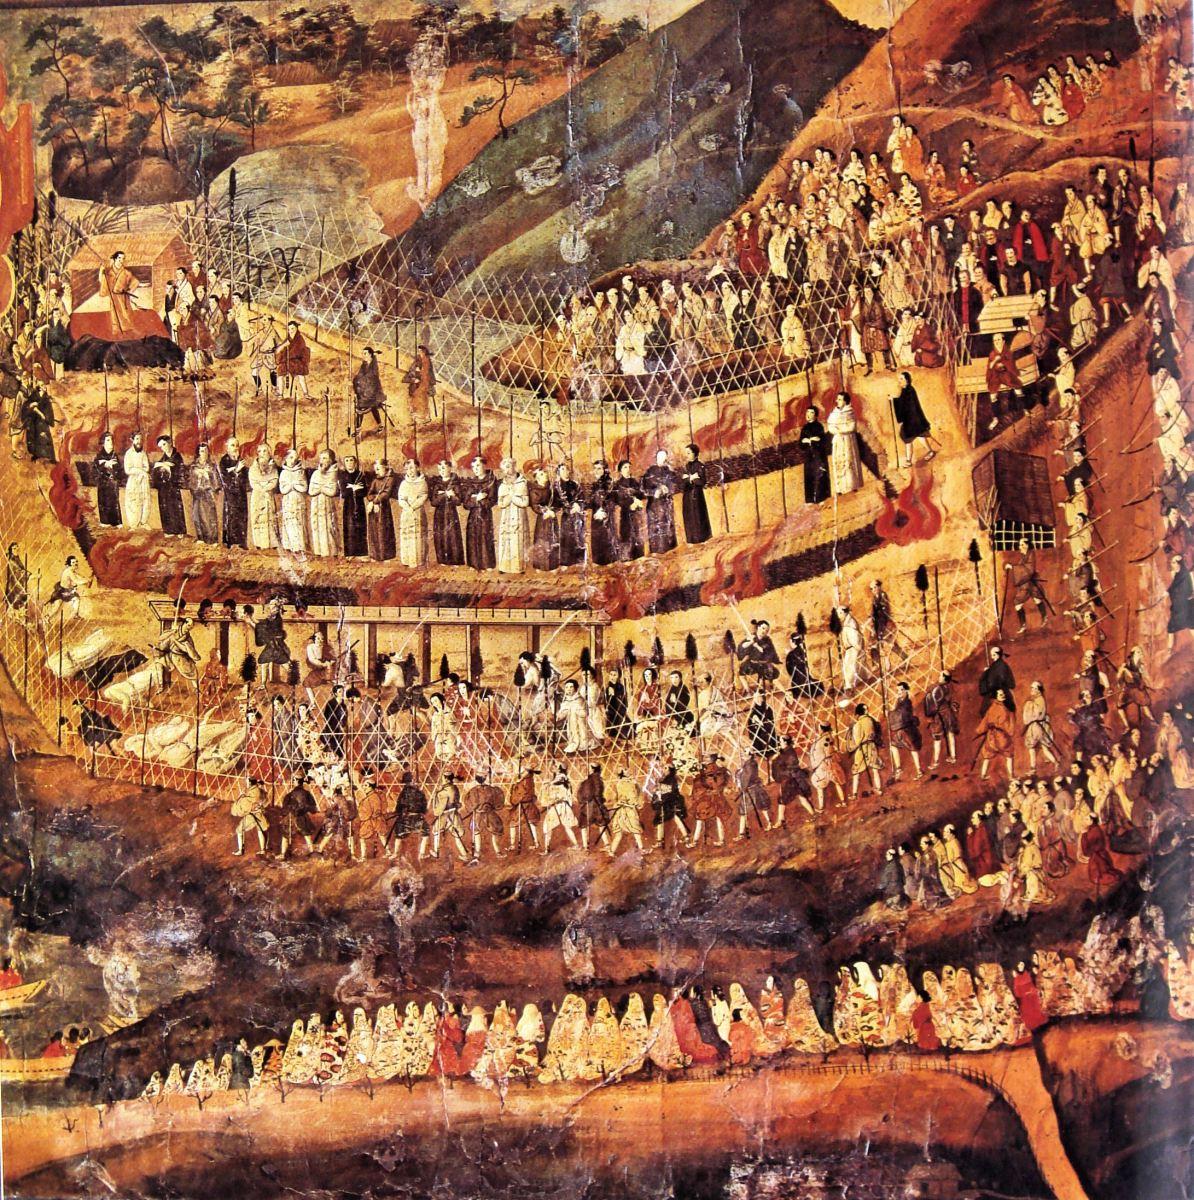 Paus Pius IX dan Jepang. Sejarah Mukjizat dari Timur